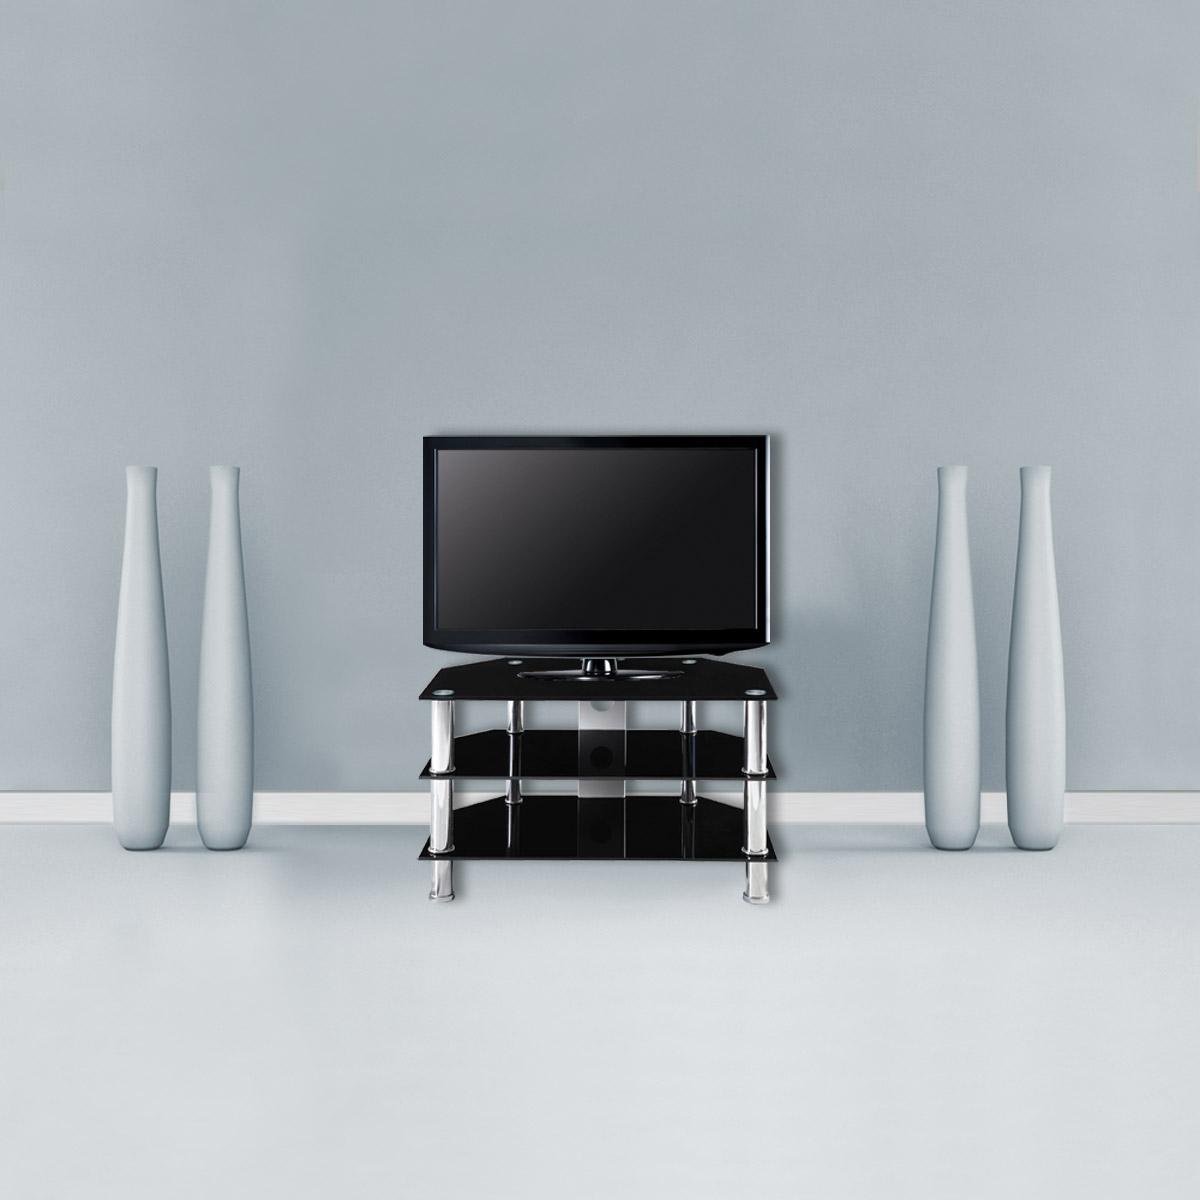 corium couchtisch tisch glastisch schwarz beistelltisch wohnzimmer wei rack ebay. Black Bedroom Furniture Sets. Home Design Ideas